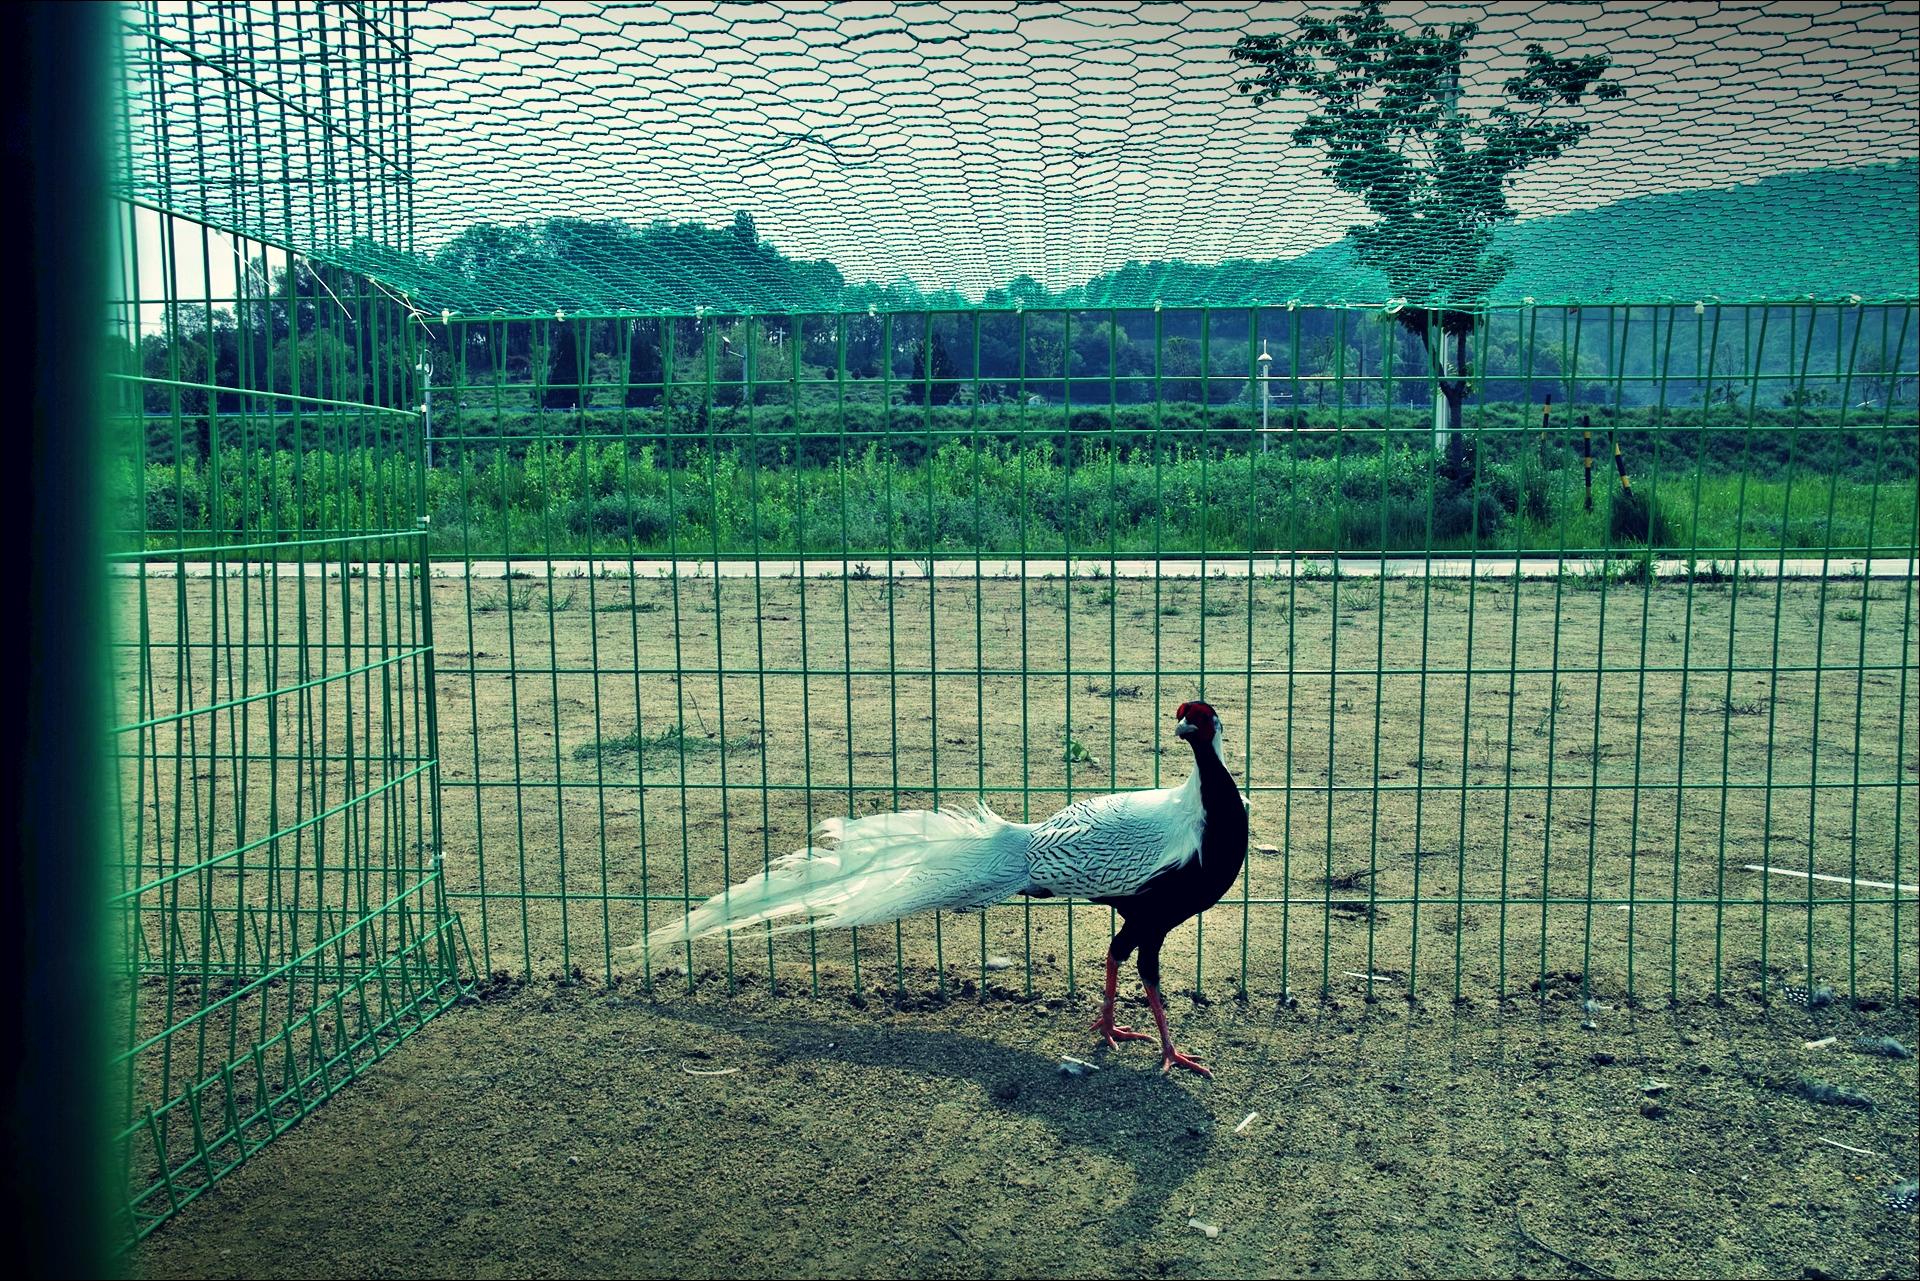 닭-'낙동강 자전거 종주여행'